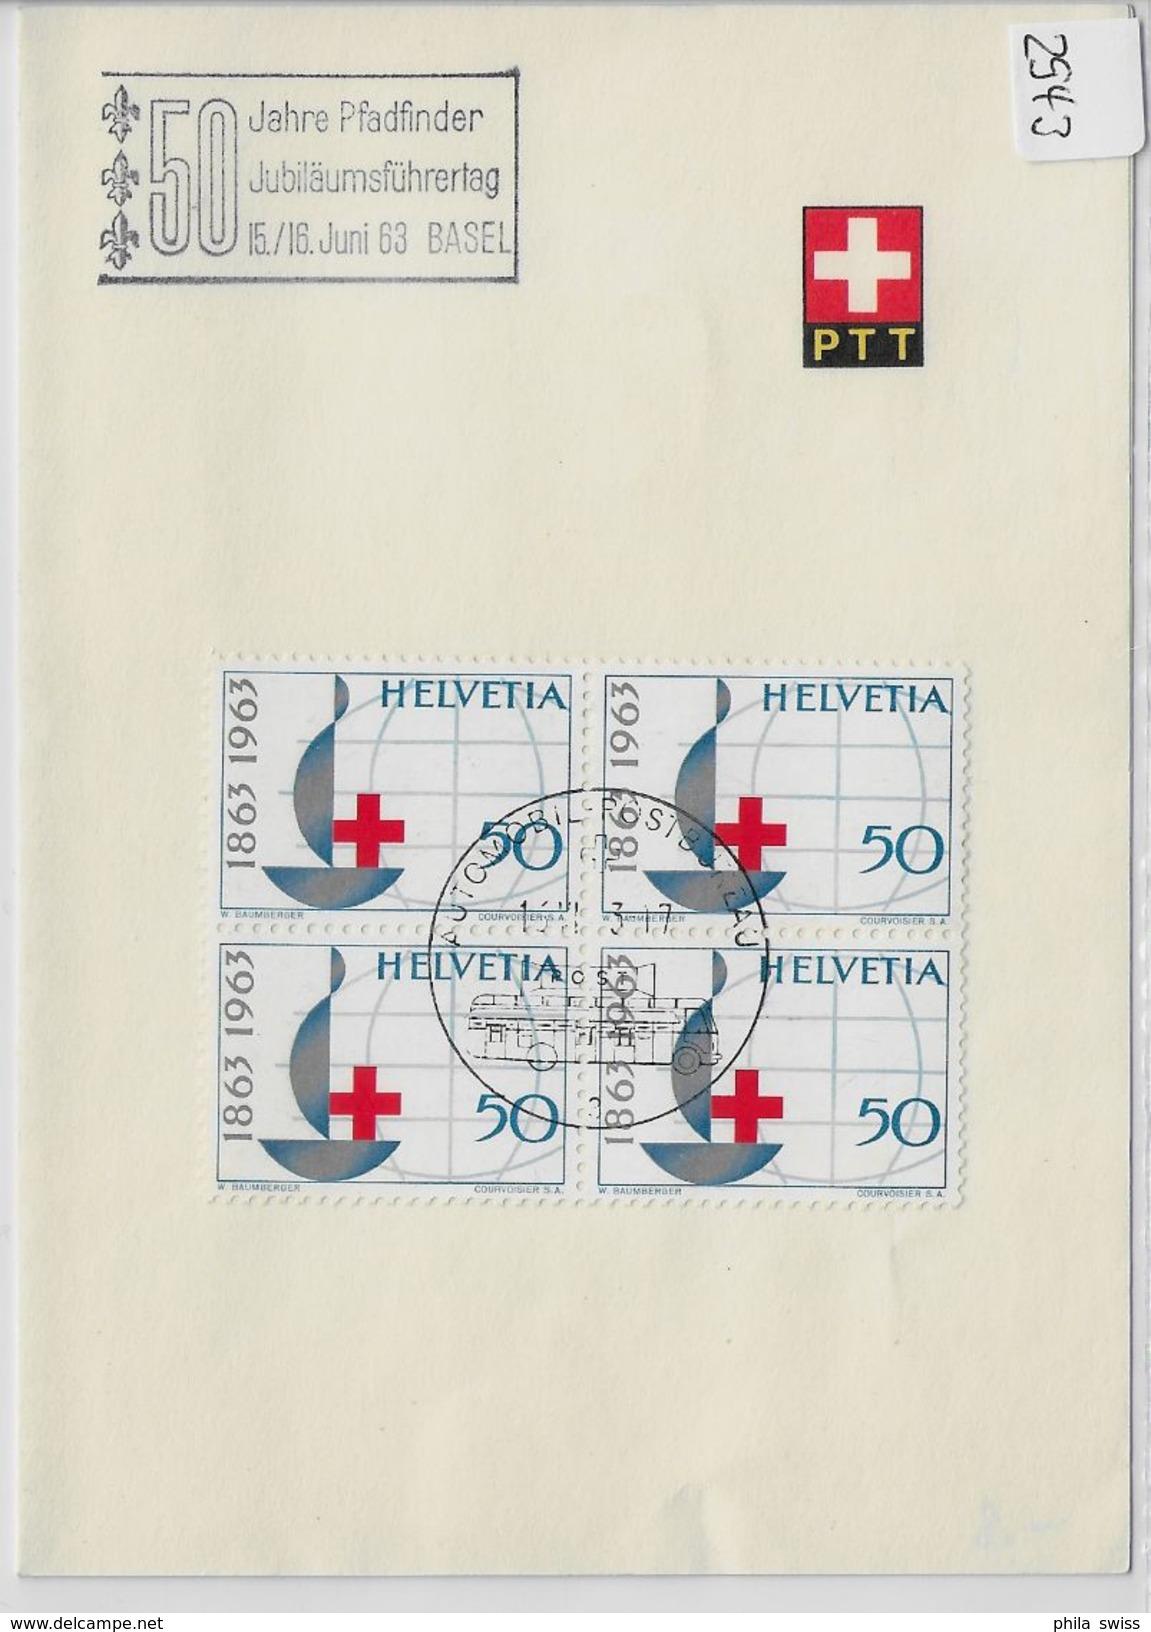 1963 50 Jahre Pfadfinder Jubiläumsführertag 15./16. Juni 63 Basel 399/772 PTT Bögli - Scoutisme